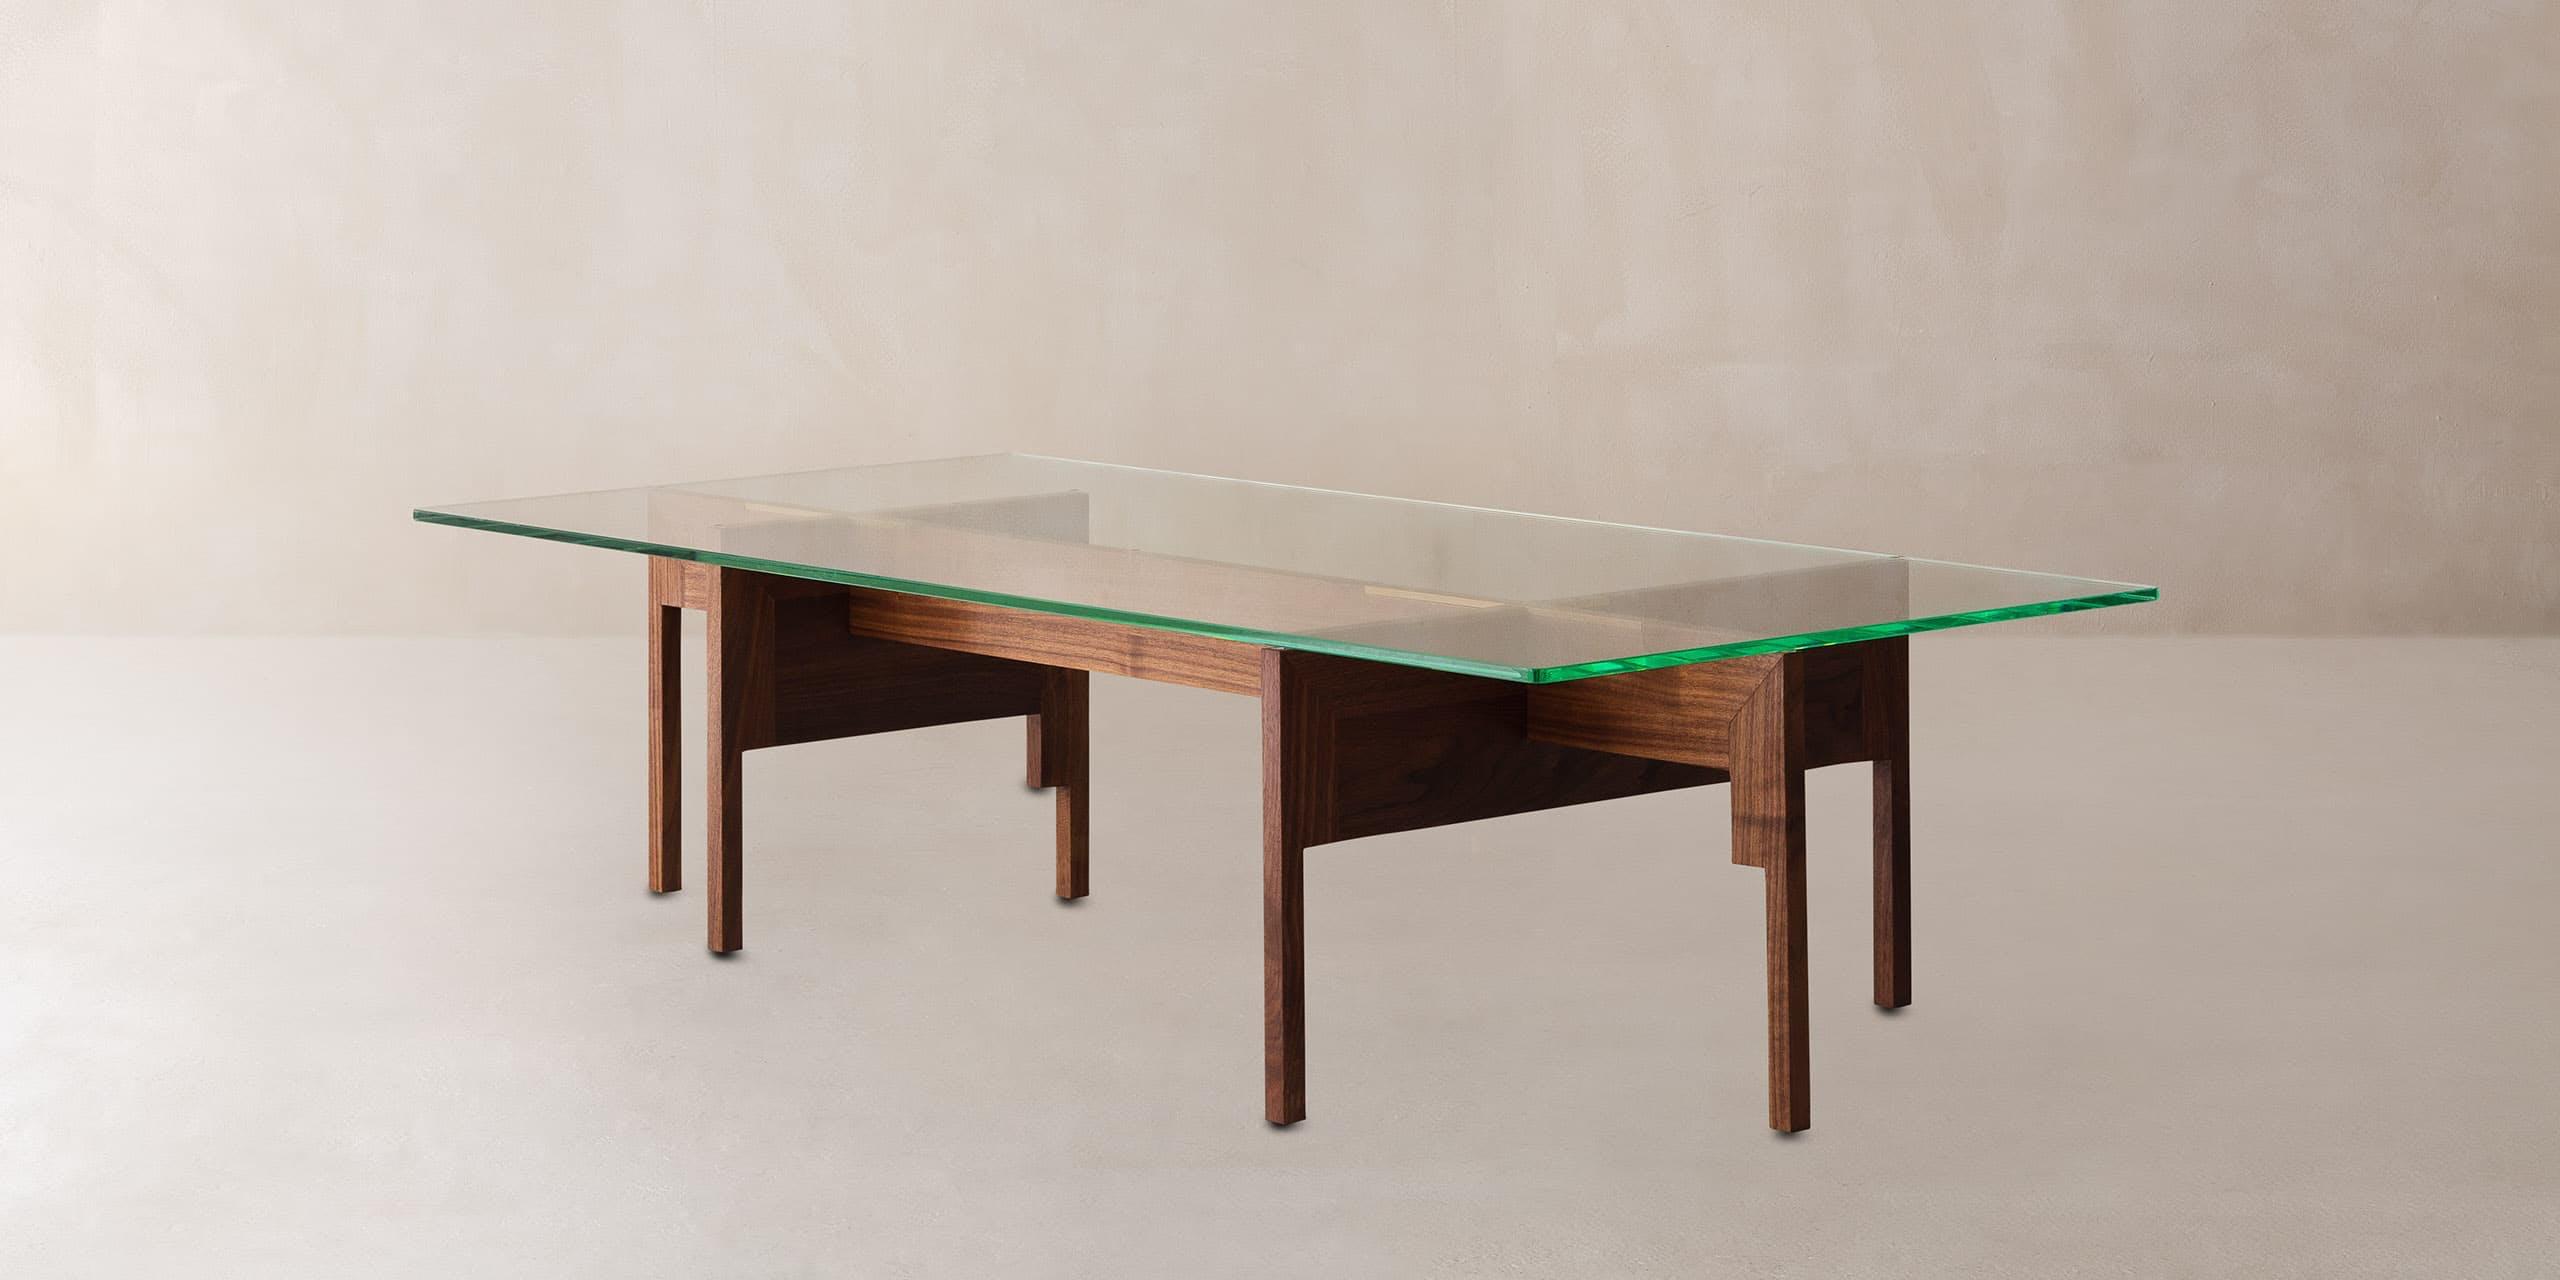 Verdu cocktail table main.jpg?ixlib=rails 2.1